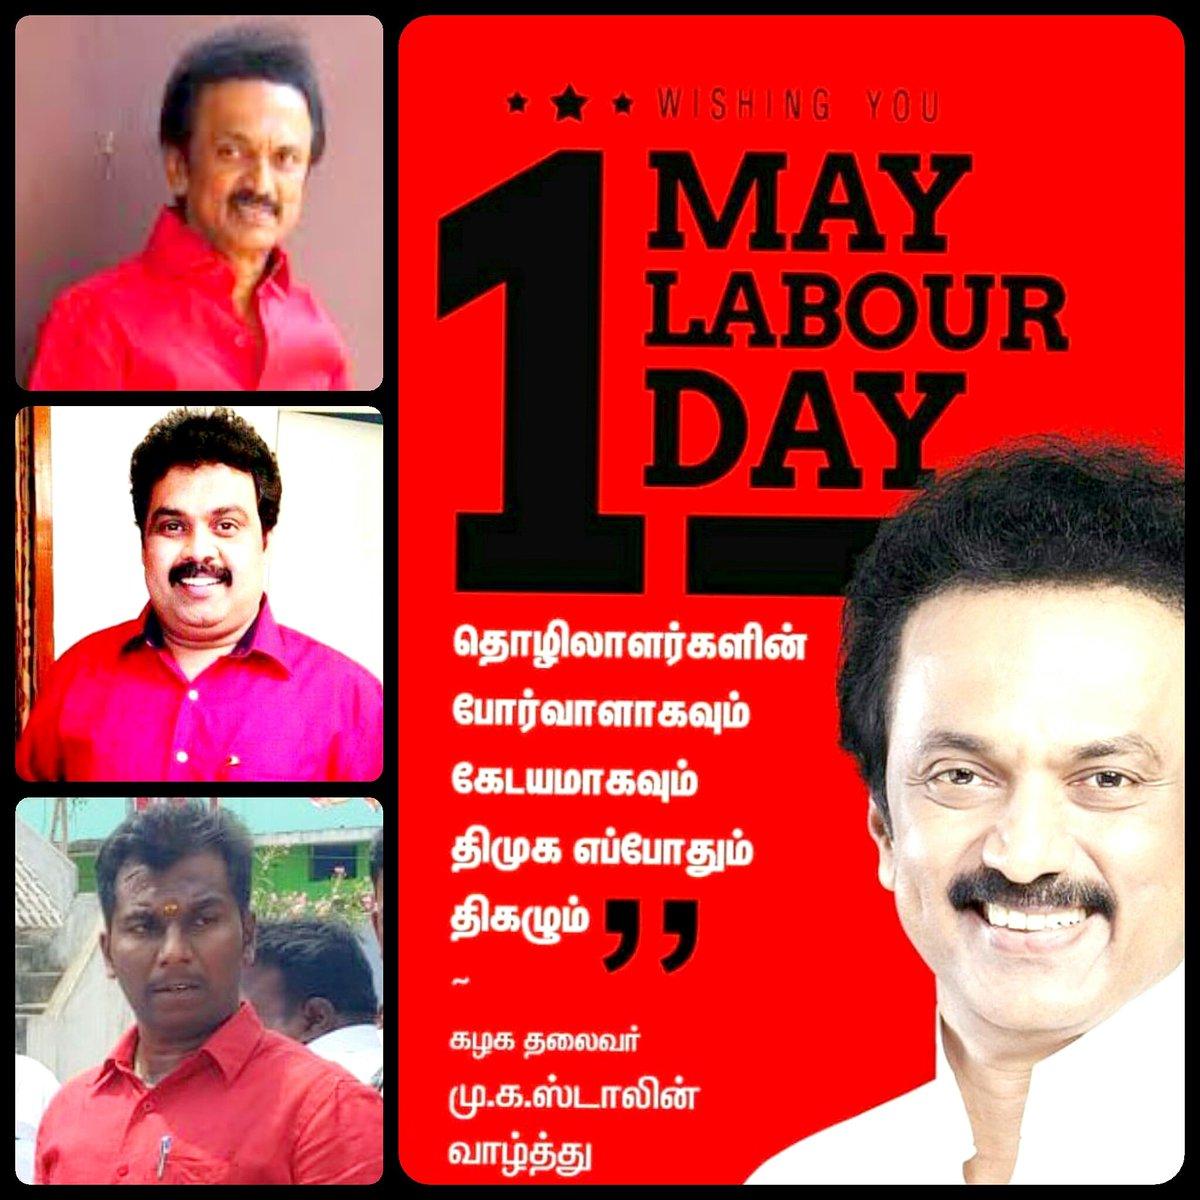 """""""#தொழிலாளர்களின் #போர்வாளாகவும் #கேடயமாகவும் #திமுக #எப்போதும் #திகழும் """"  @mkstalin  #May1 #LabourDay ❤  #DMKThalaivarstalin  #FutureCMofTN 🔥🔥"""